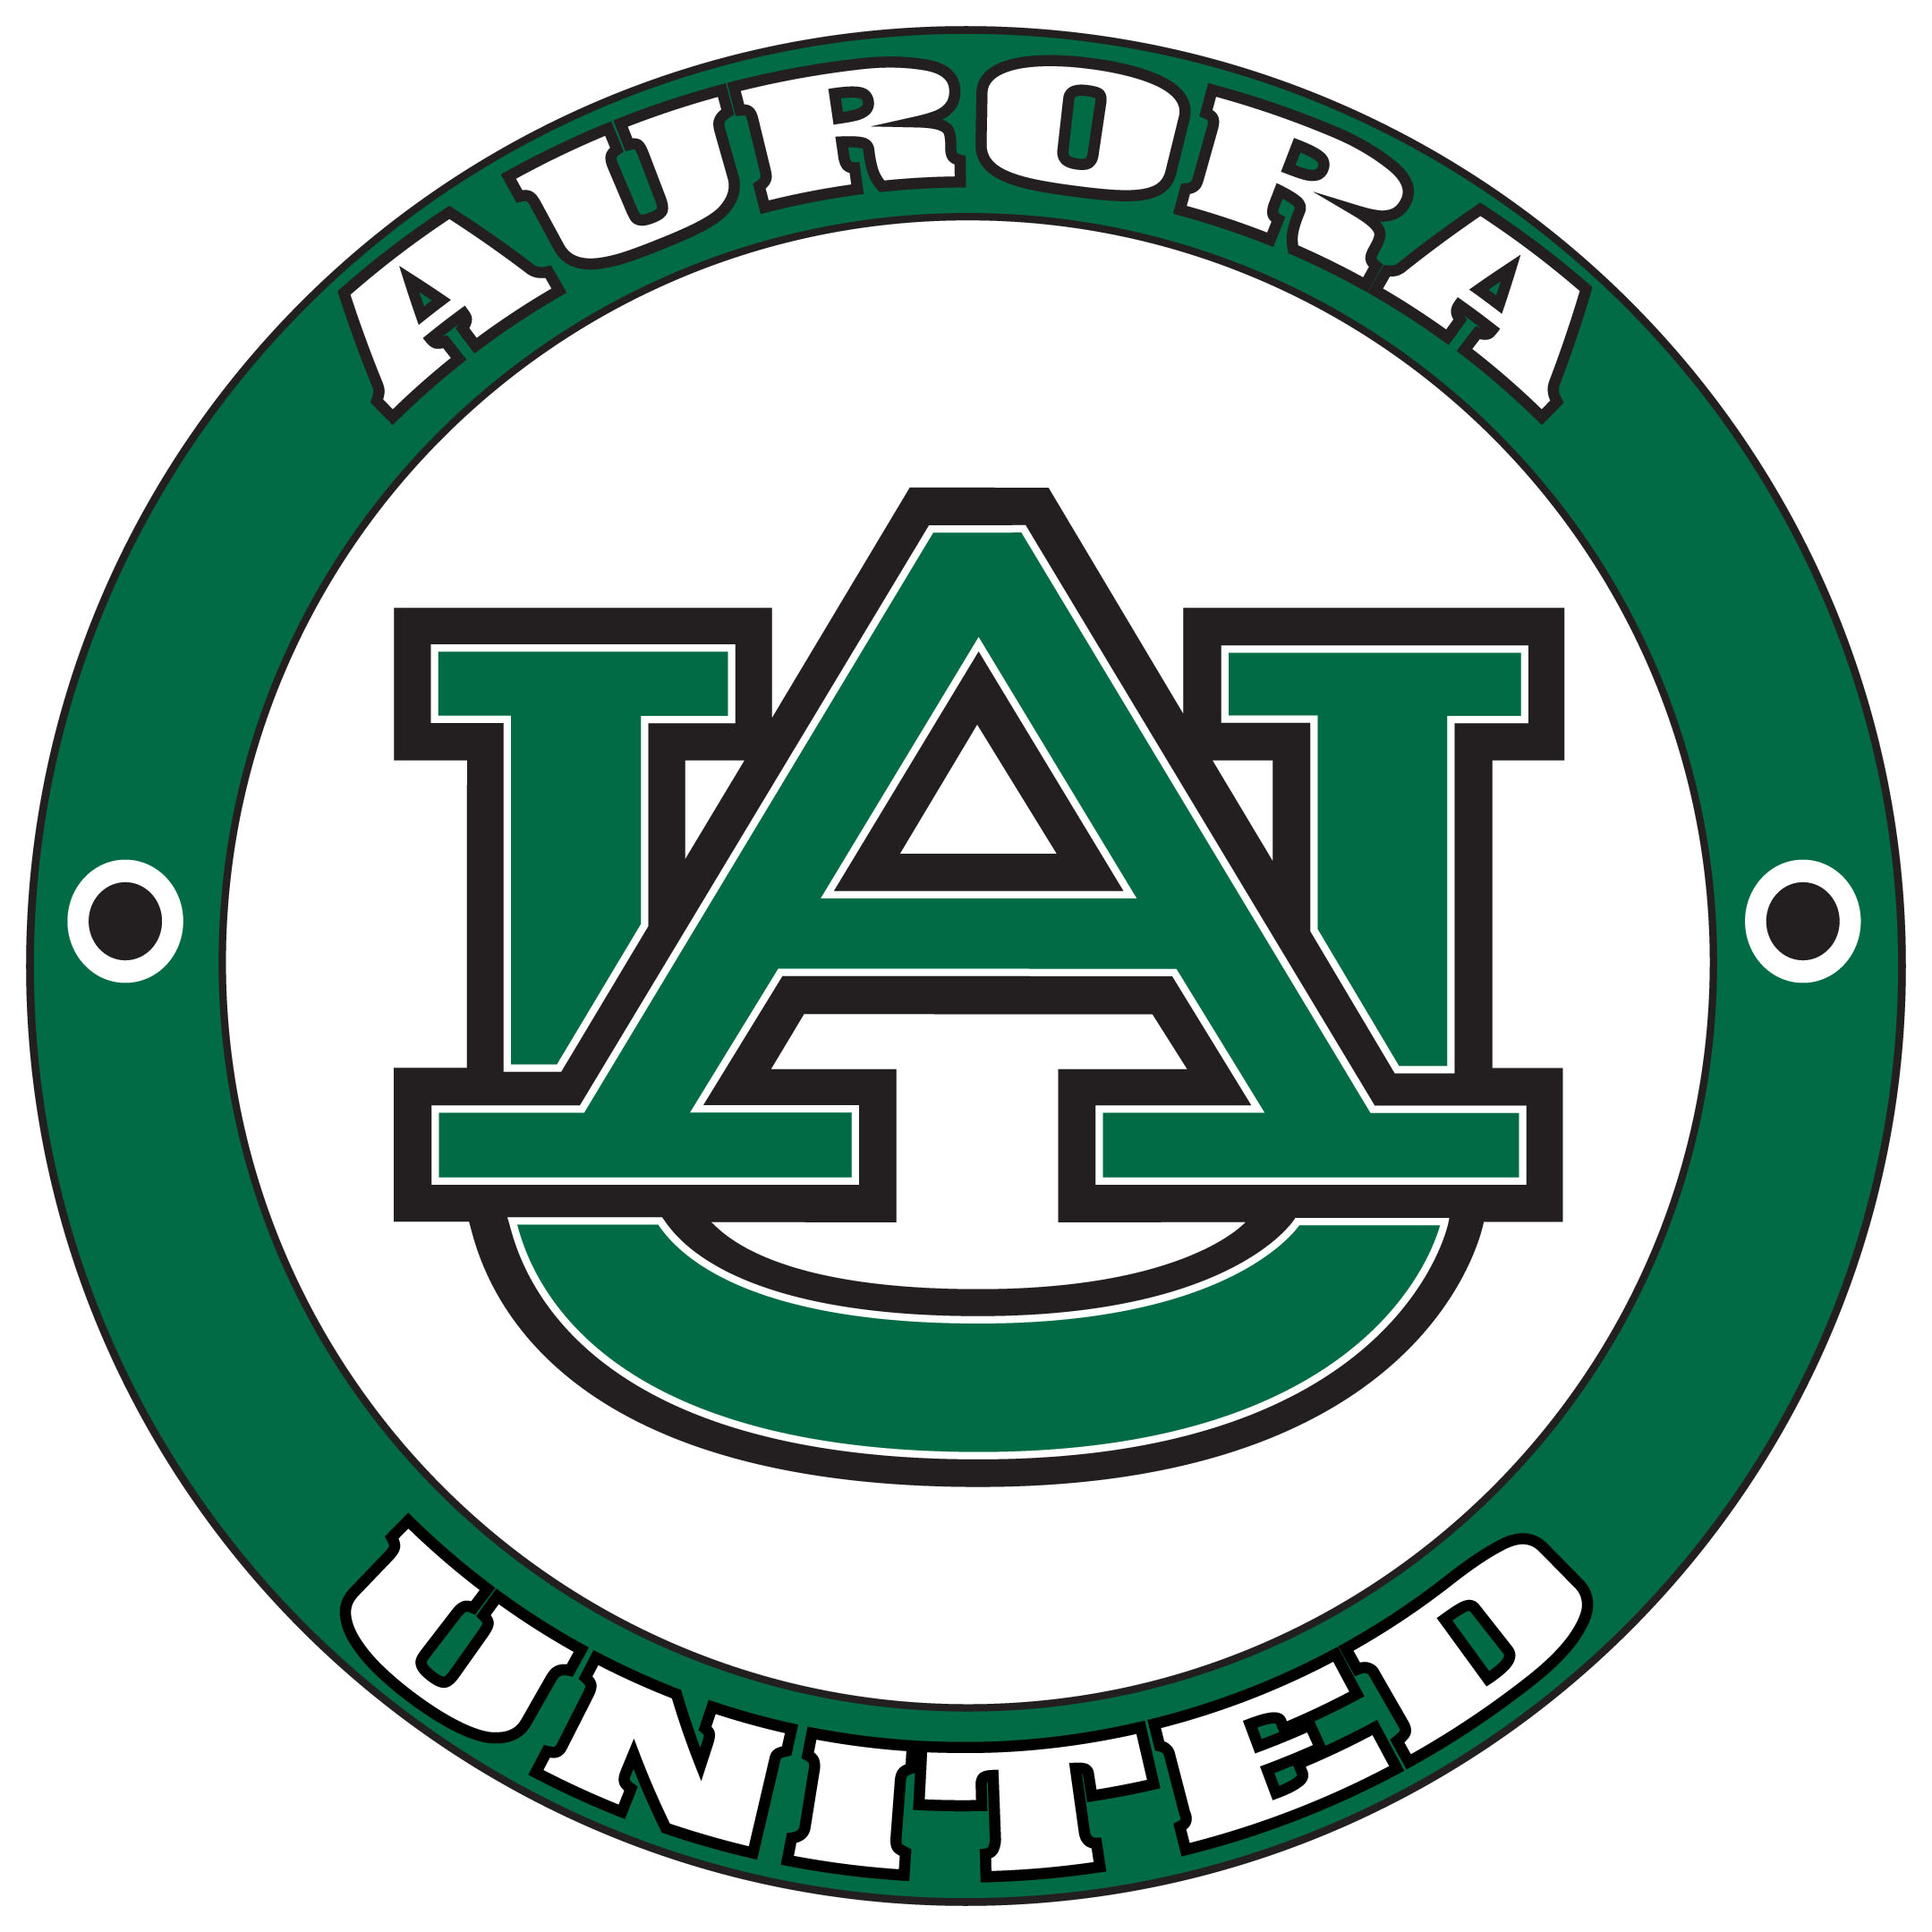 auroraunitedlextra.jpg